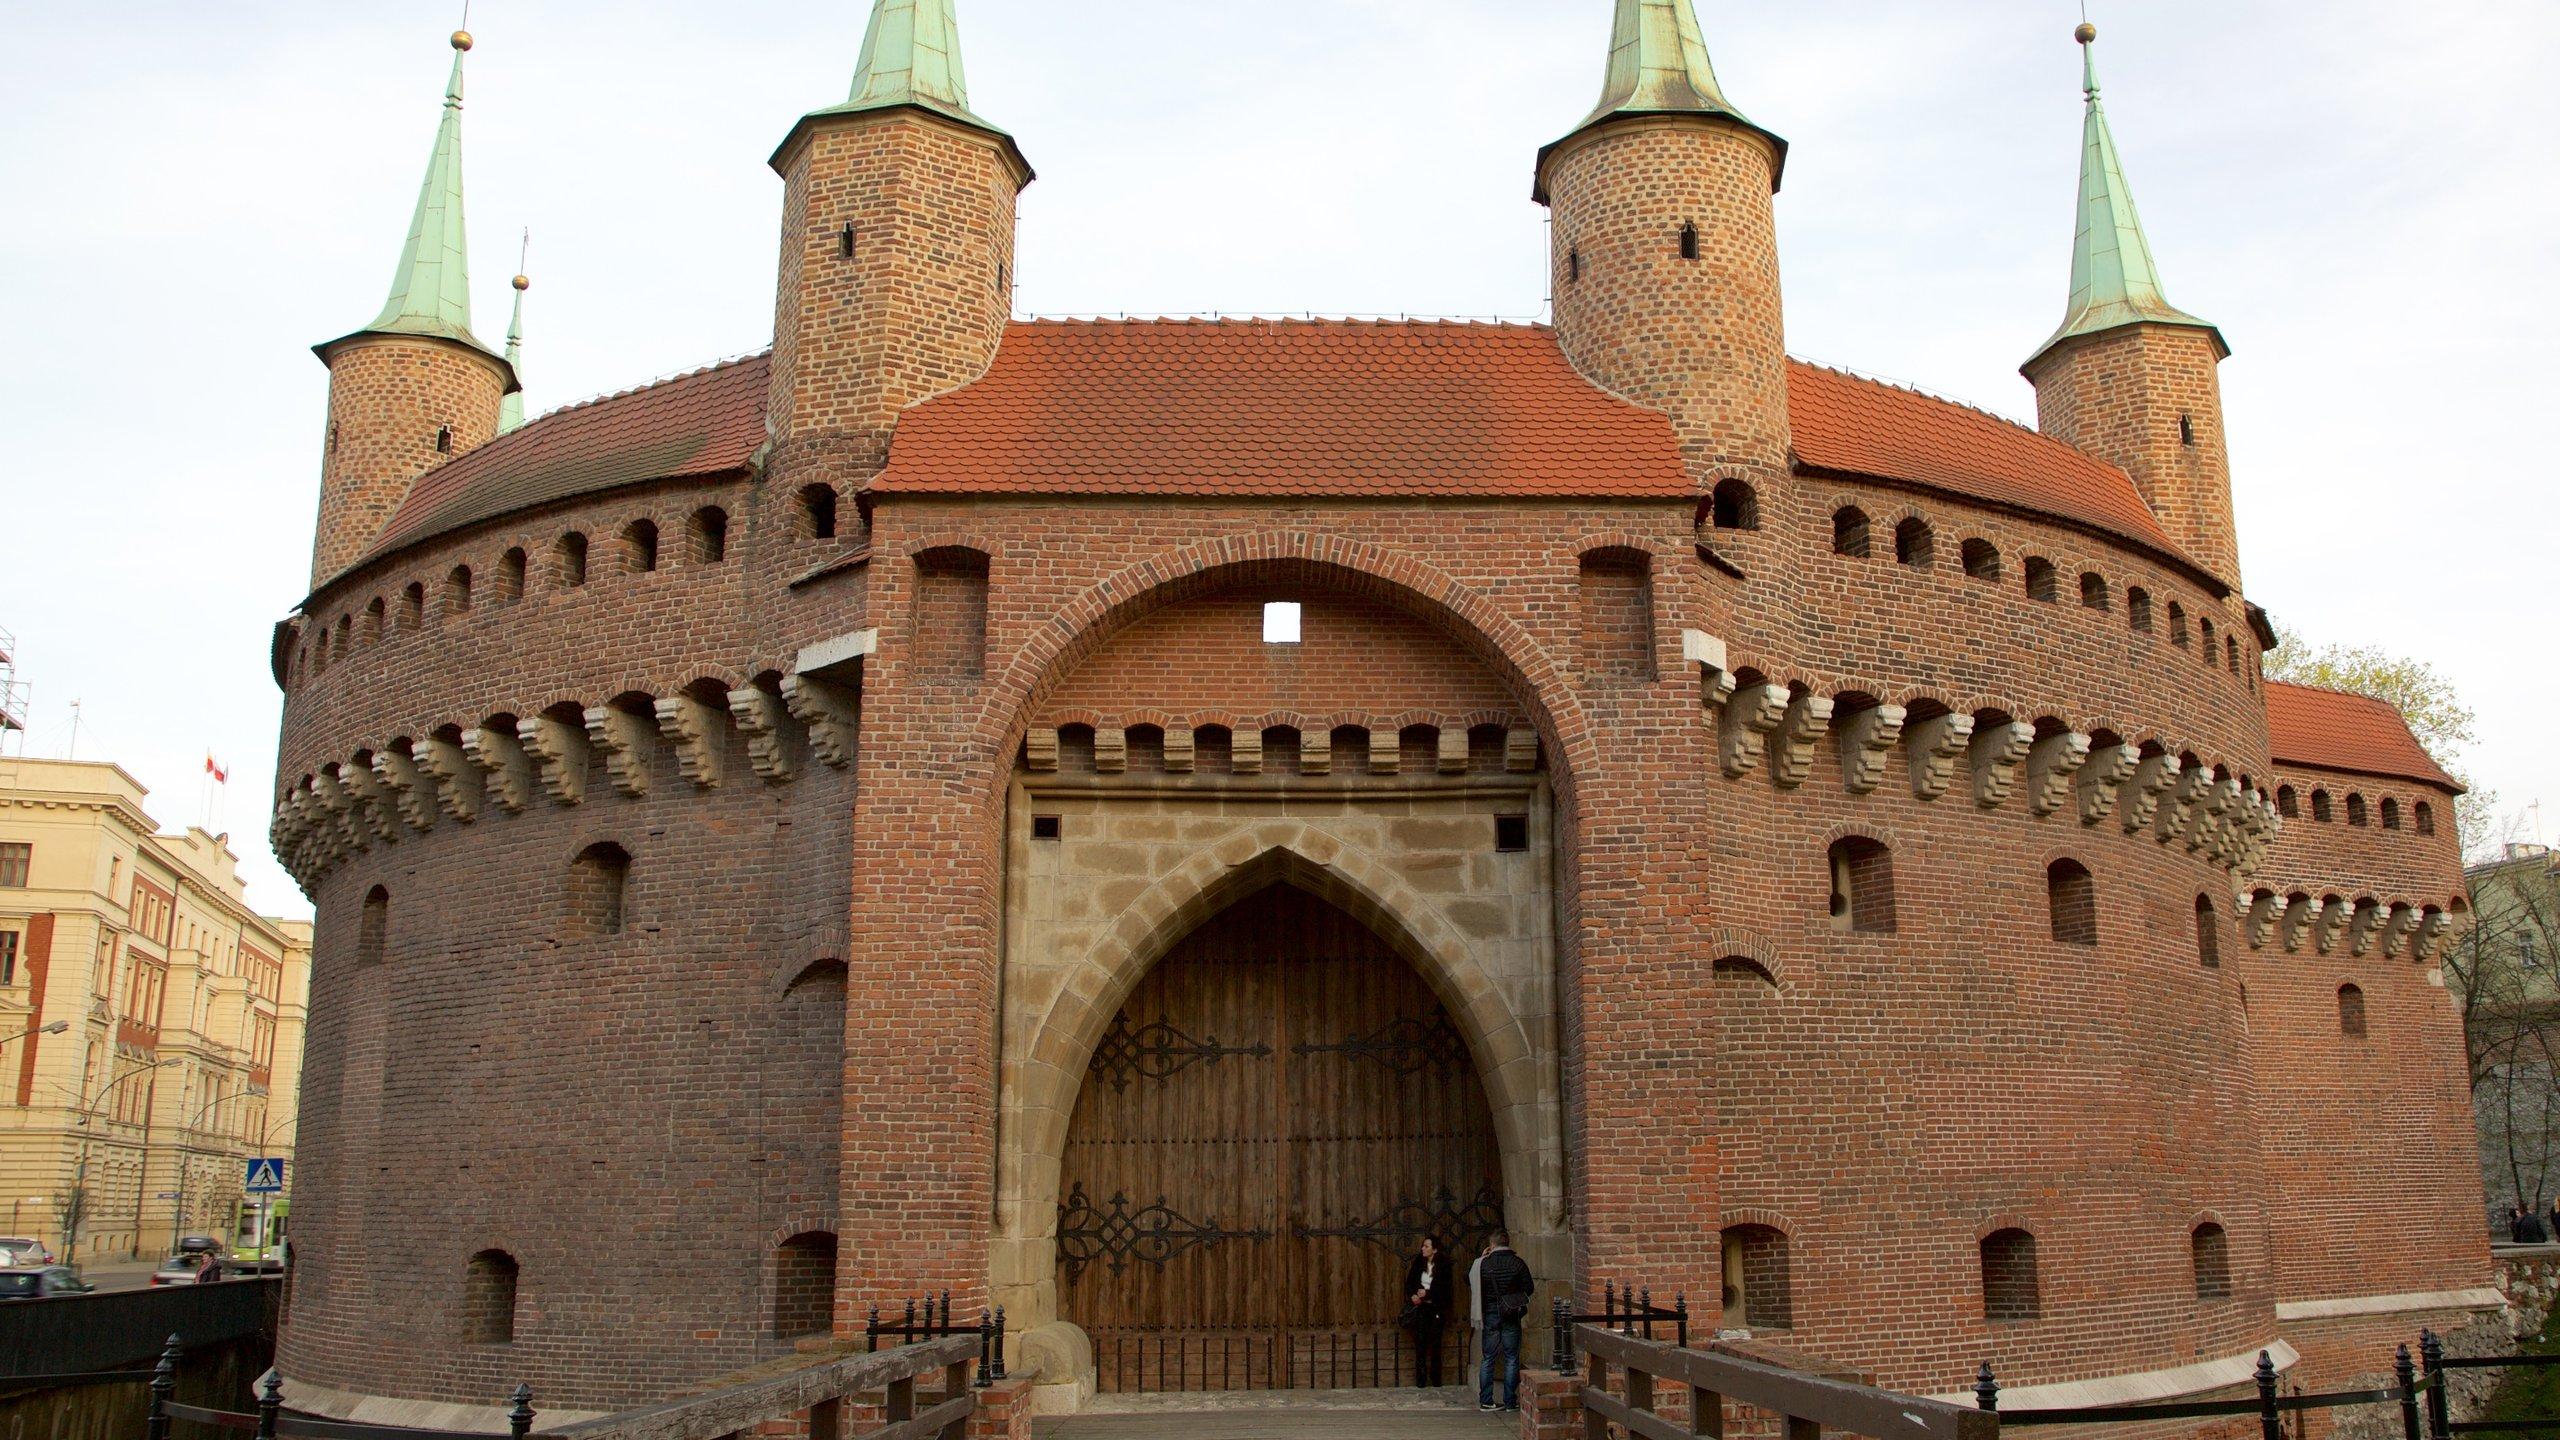 Neem een rondleiding van het gebouw dat ooit de veiligheid garandeerde van Krakau. Tegenwoordig is het de best bewaard gebleven versterkte buitenpost van Europa.